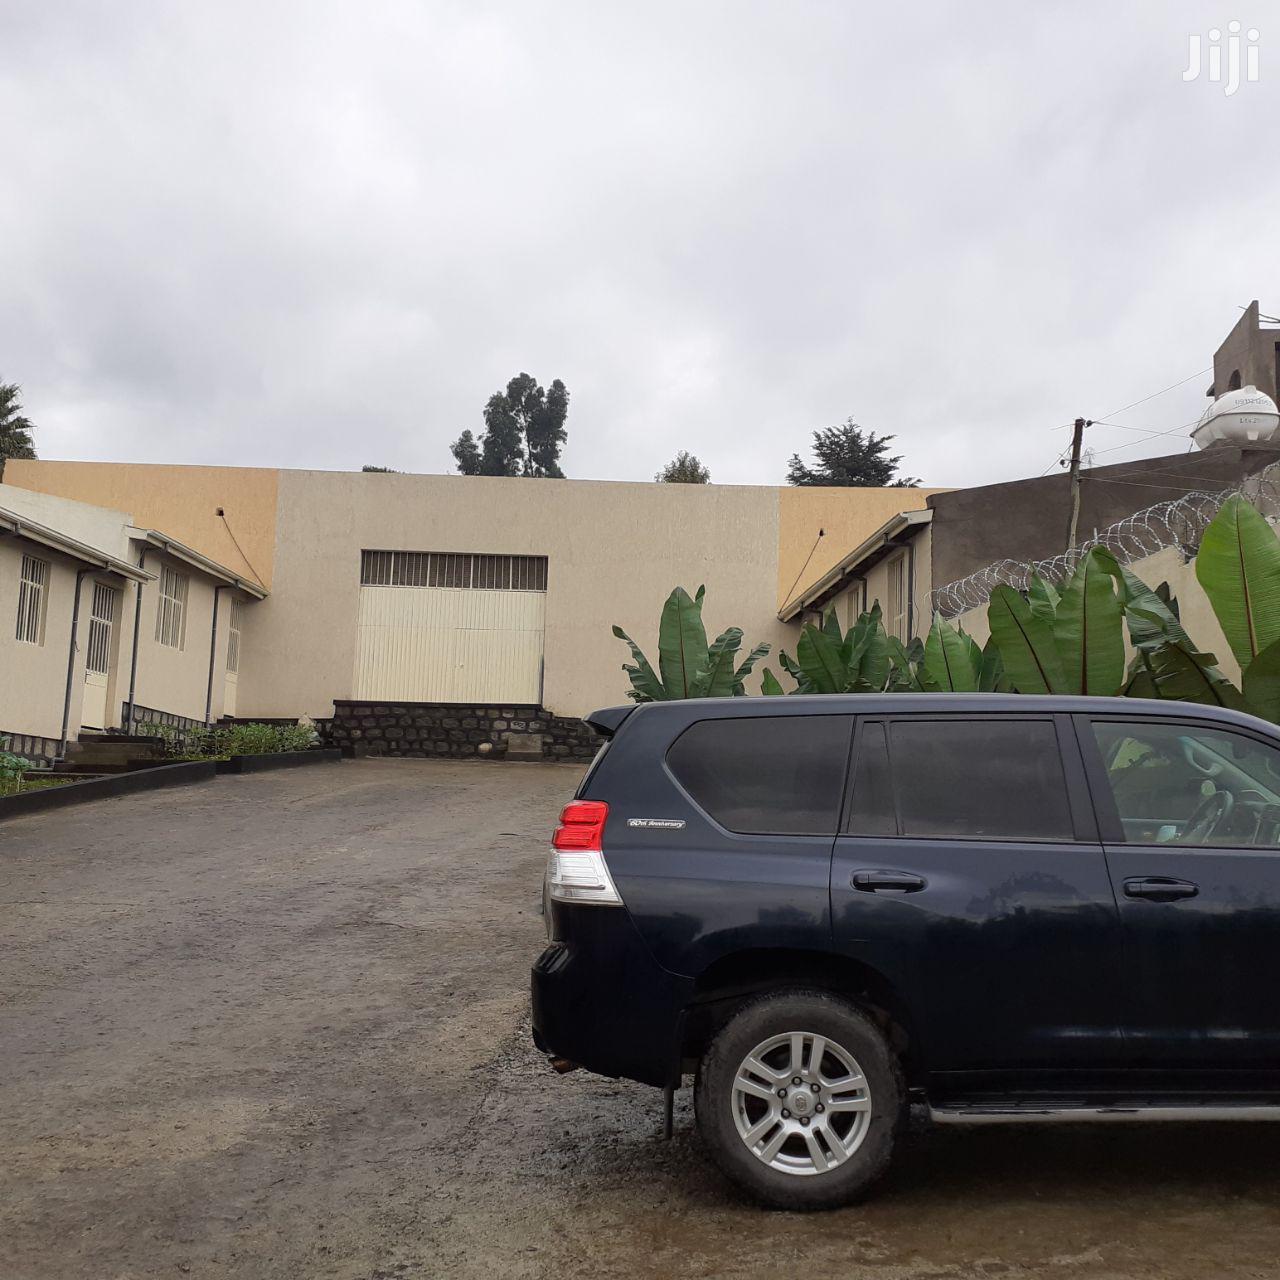 የሚከራይ መጋዘን ጃክሮስ | Event centres, Venues and Workstations for sale in Bole, Addis Ababa, Ethiopia